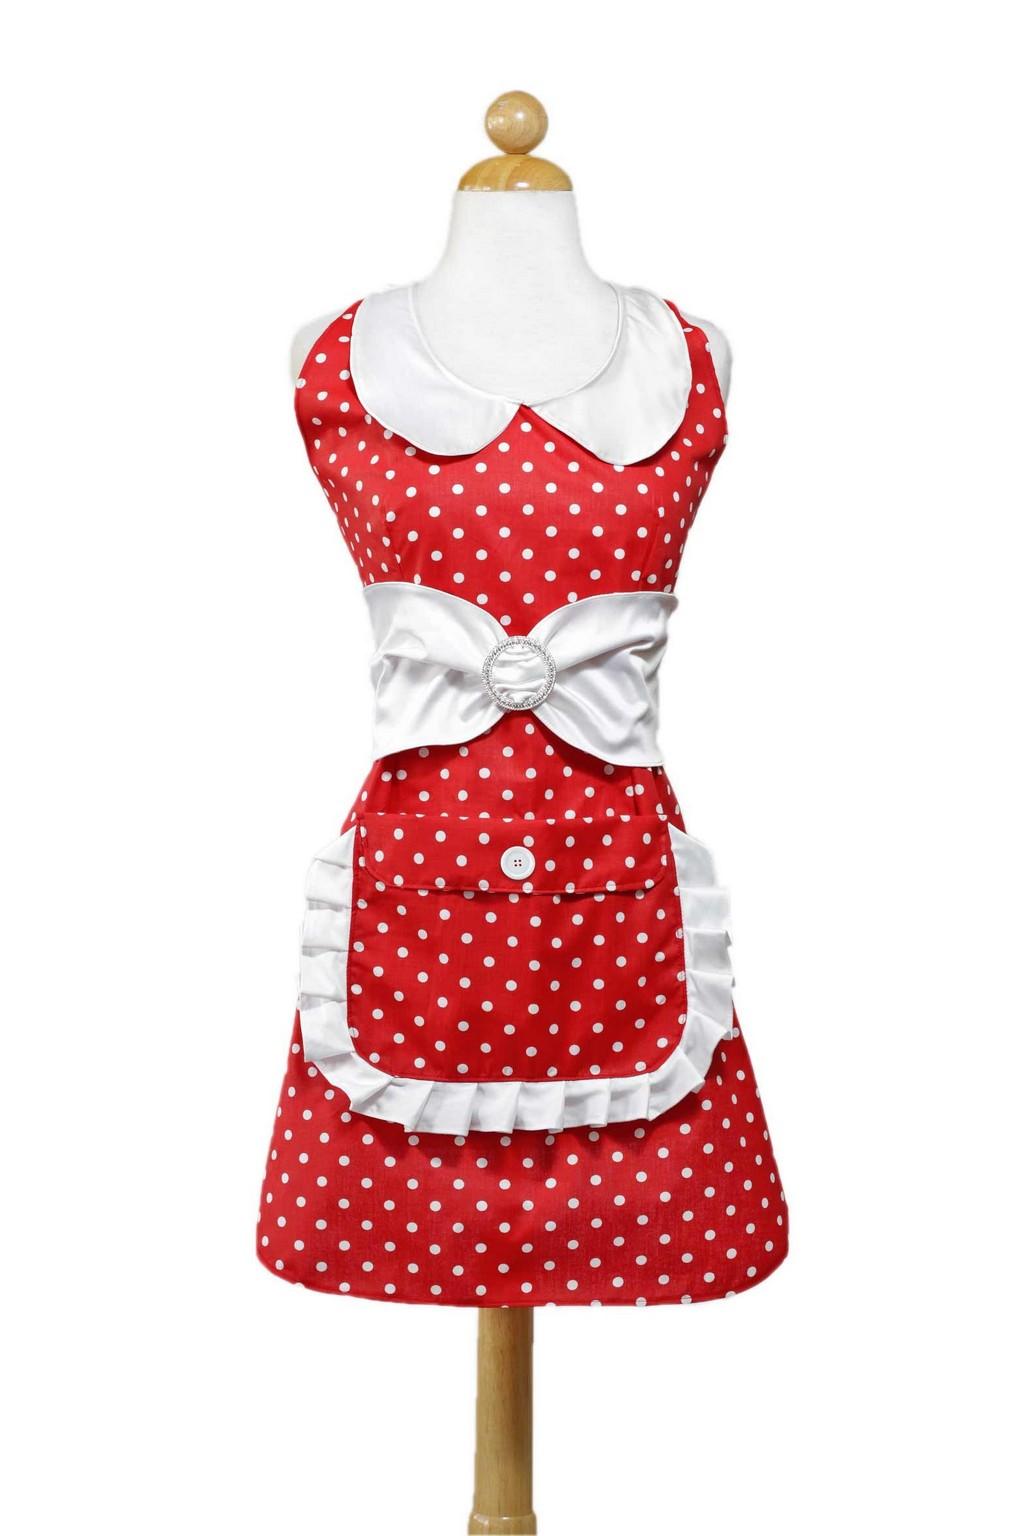 cute kitchen aprons back splash ideas for free vintage apron patterns decorlinen